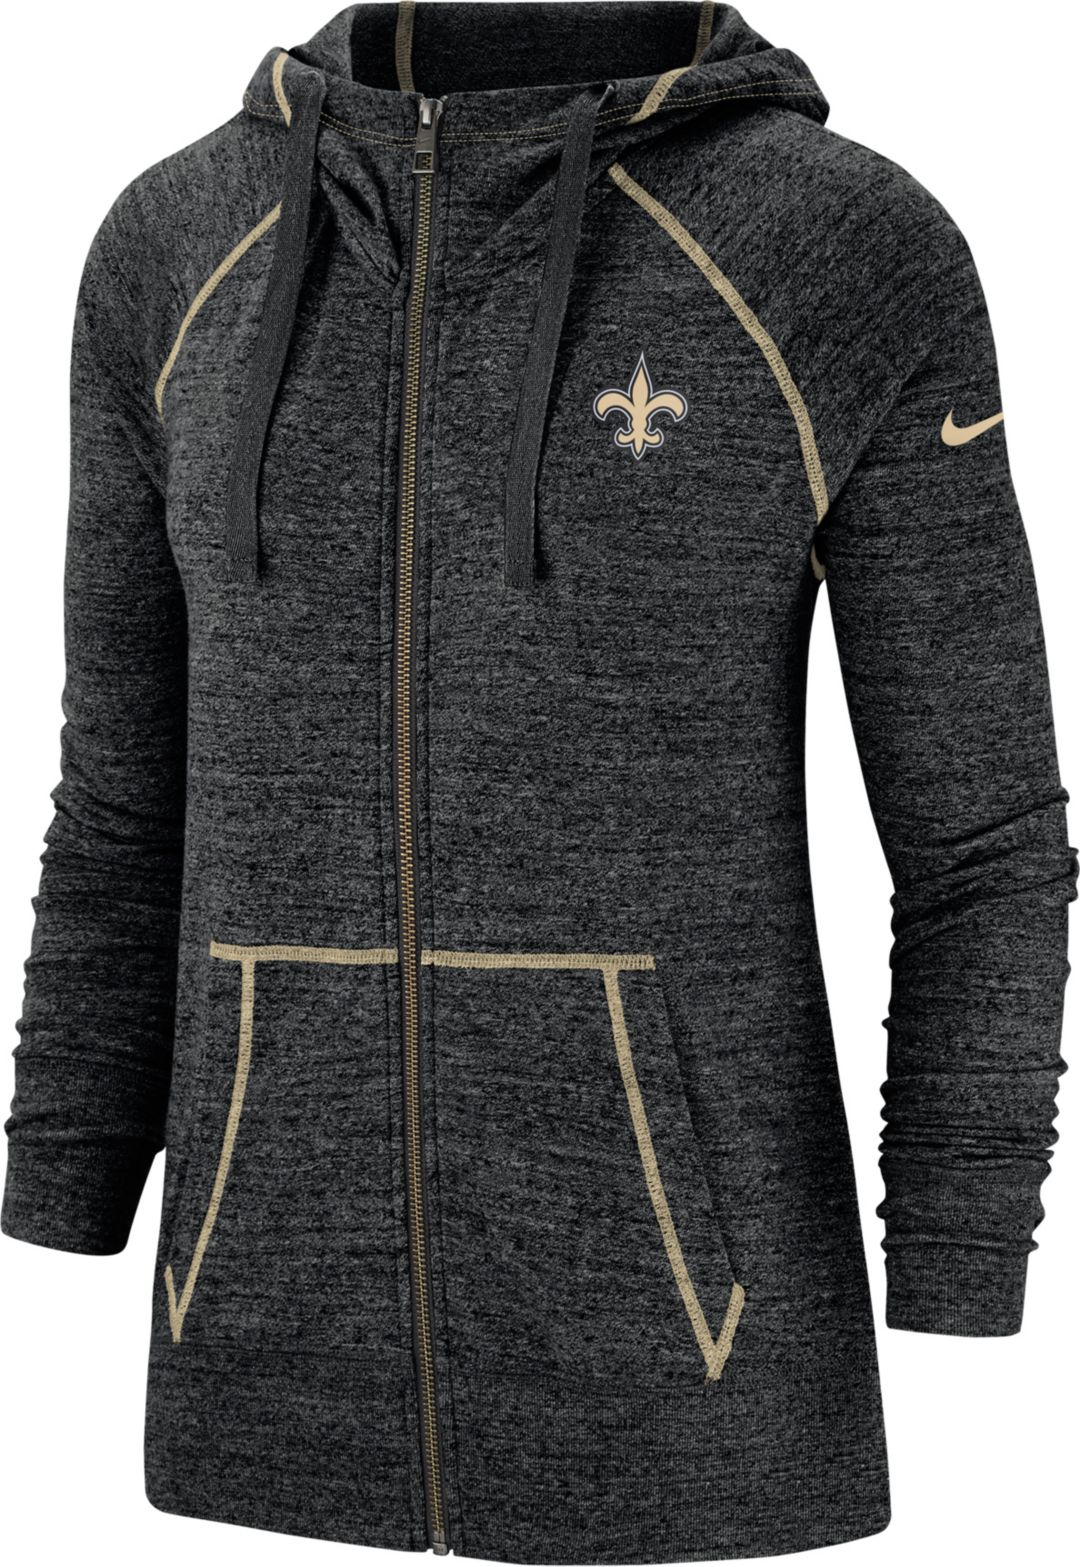 premium selection b24bc 8aeab Nike Women's New Orleans Saints Vintage Black Full-Zip Hoodie